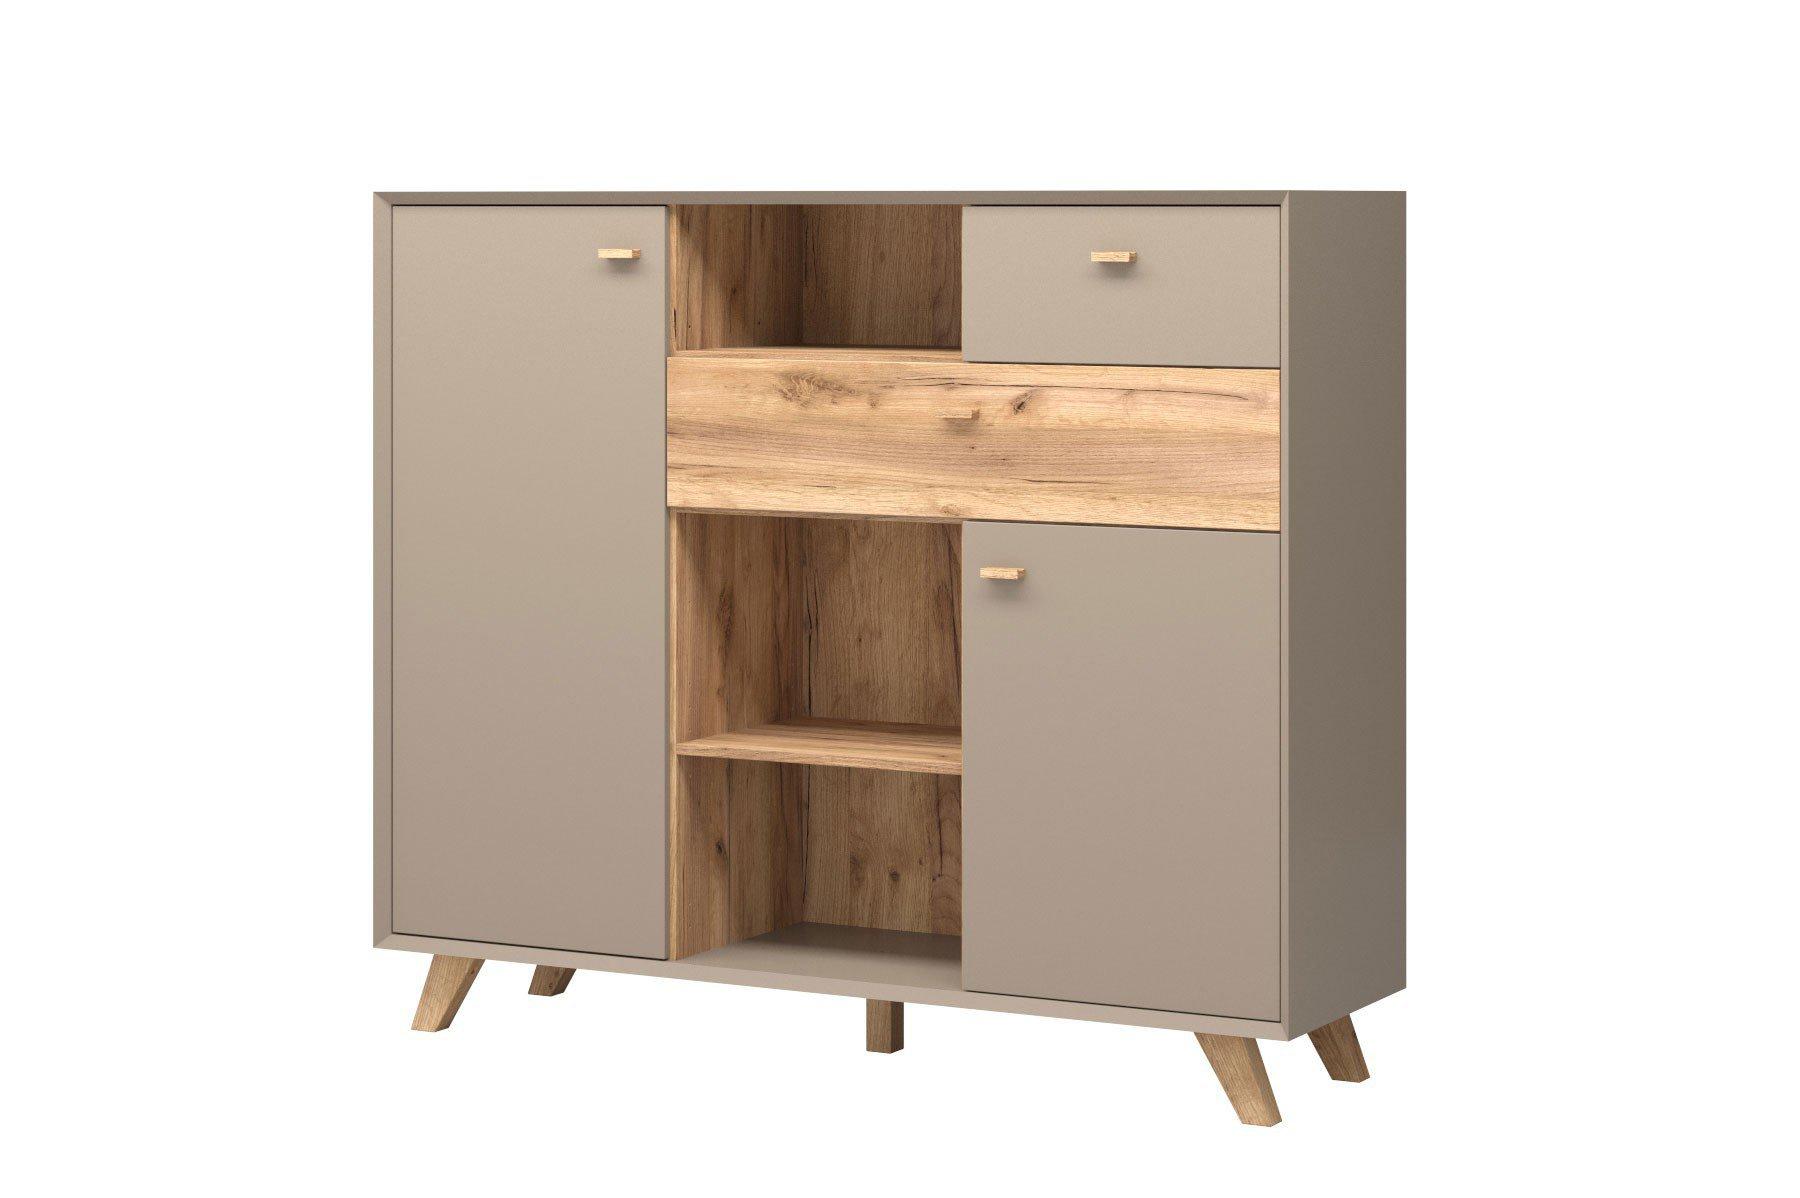 germania kommode calvi steingrau eiche m bel letz ihr online shop. Black Bedroom Furniture Sets. Home Design Ideas